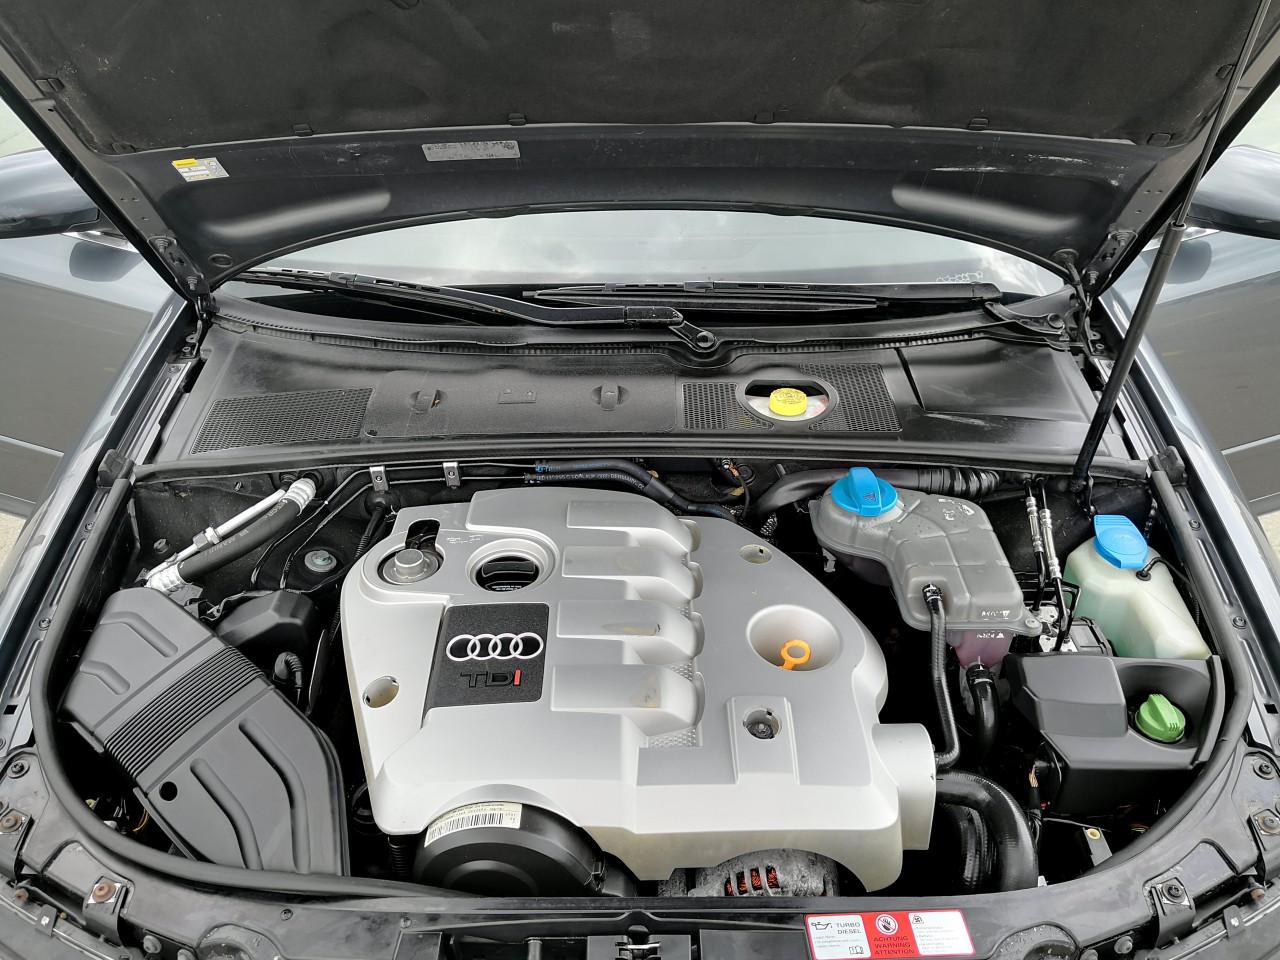 Audi A4 B6 1.9 TDI S-Line An 2002